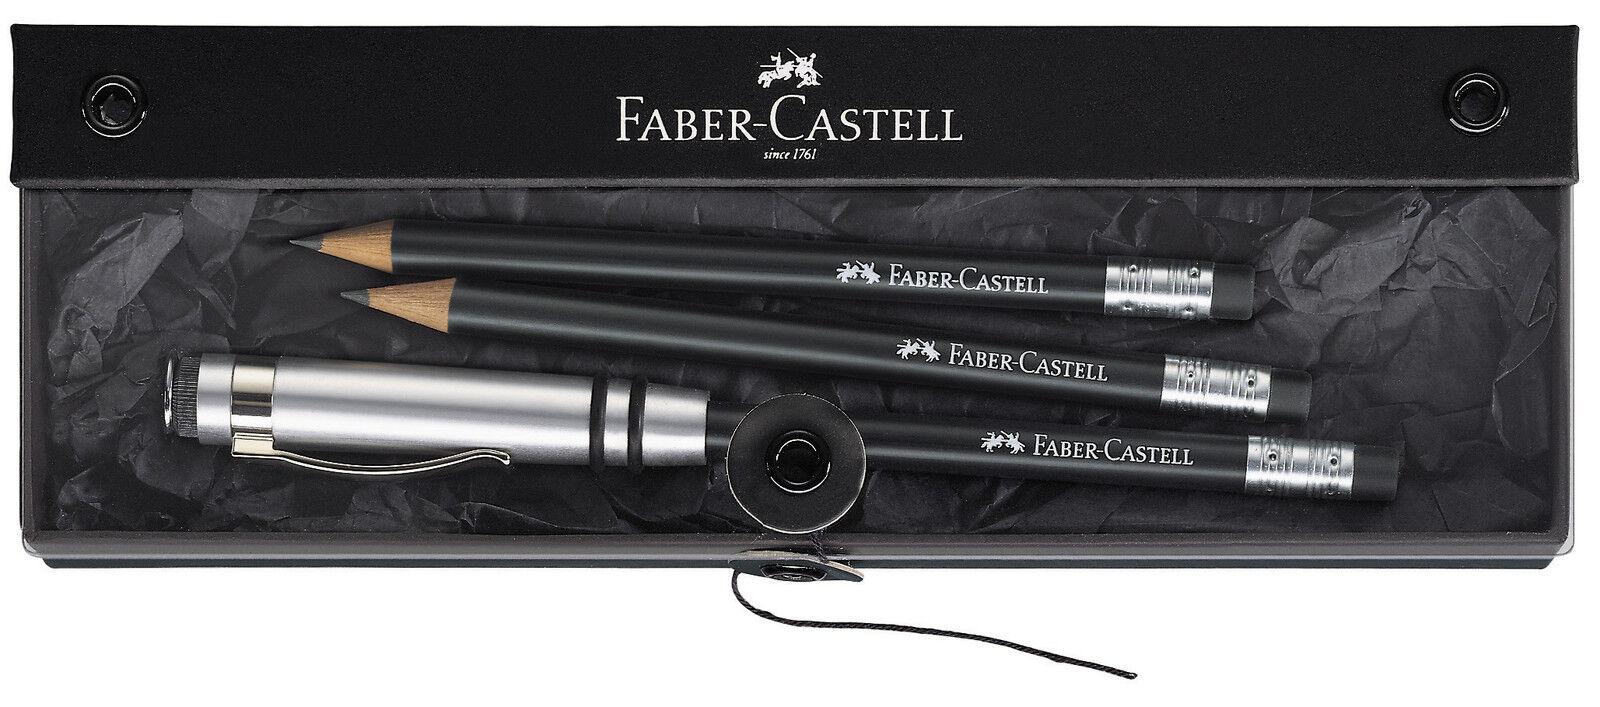 Faber Castell Perfekter Bleistift DESIGN schwarz Geschenkset | Verschiedene Stile